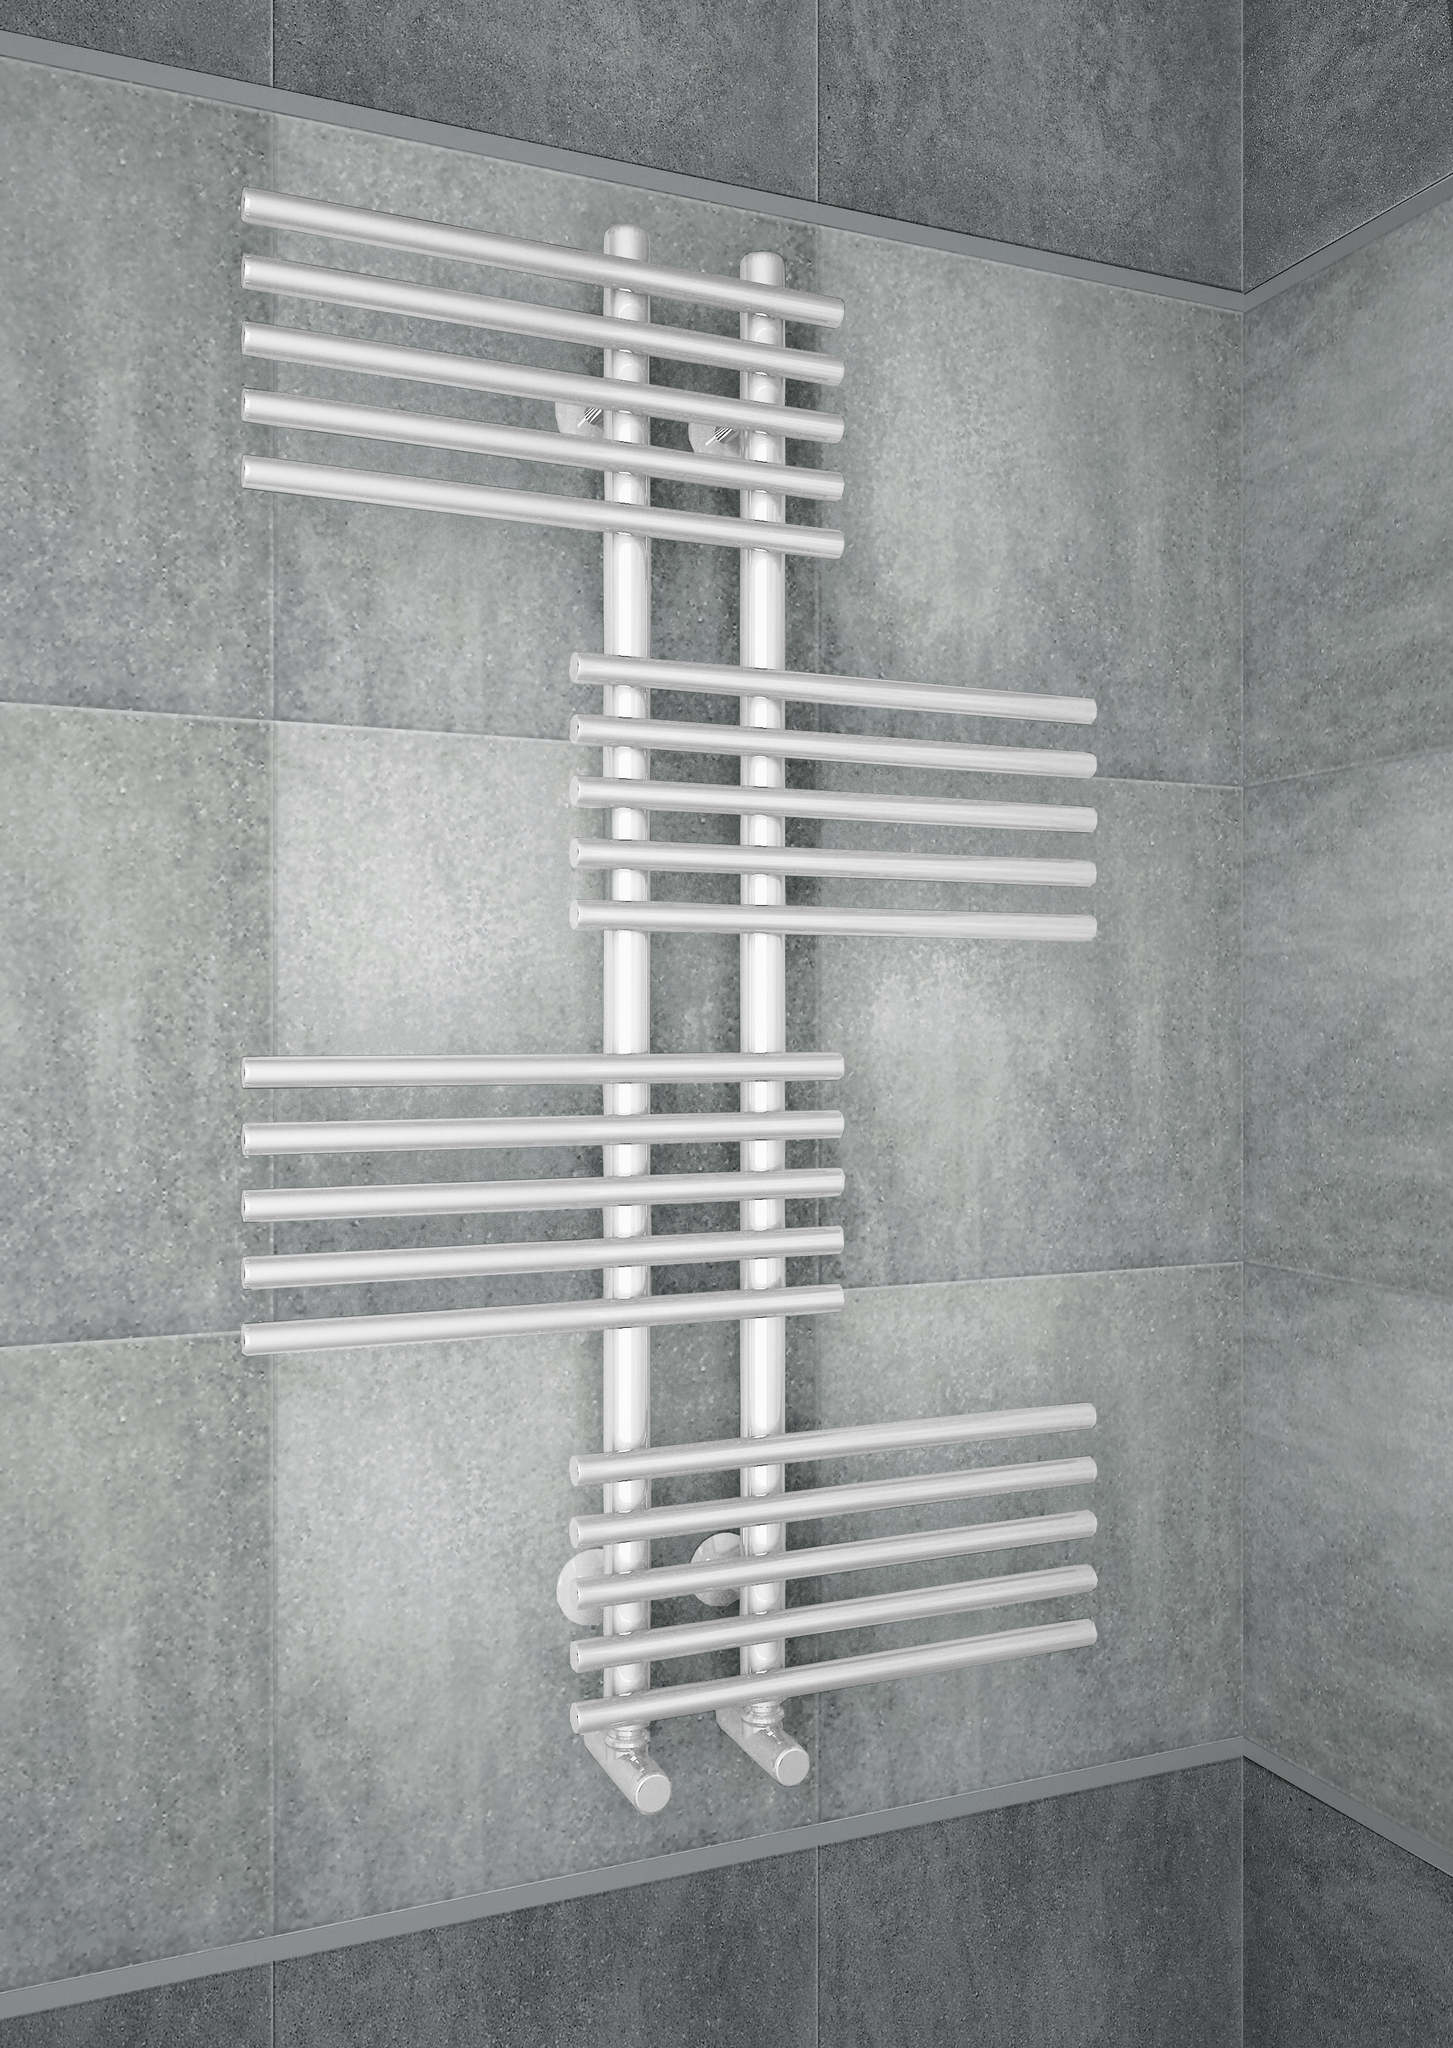 Europa E-cтильный электрический дизайн-полотенцесушитель белого цвета.